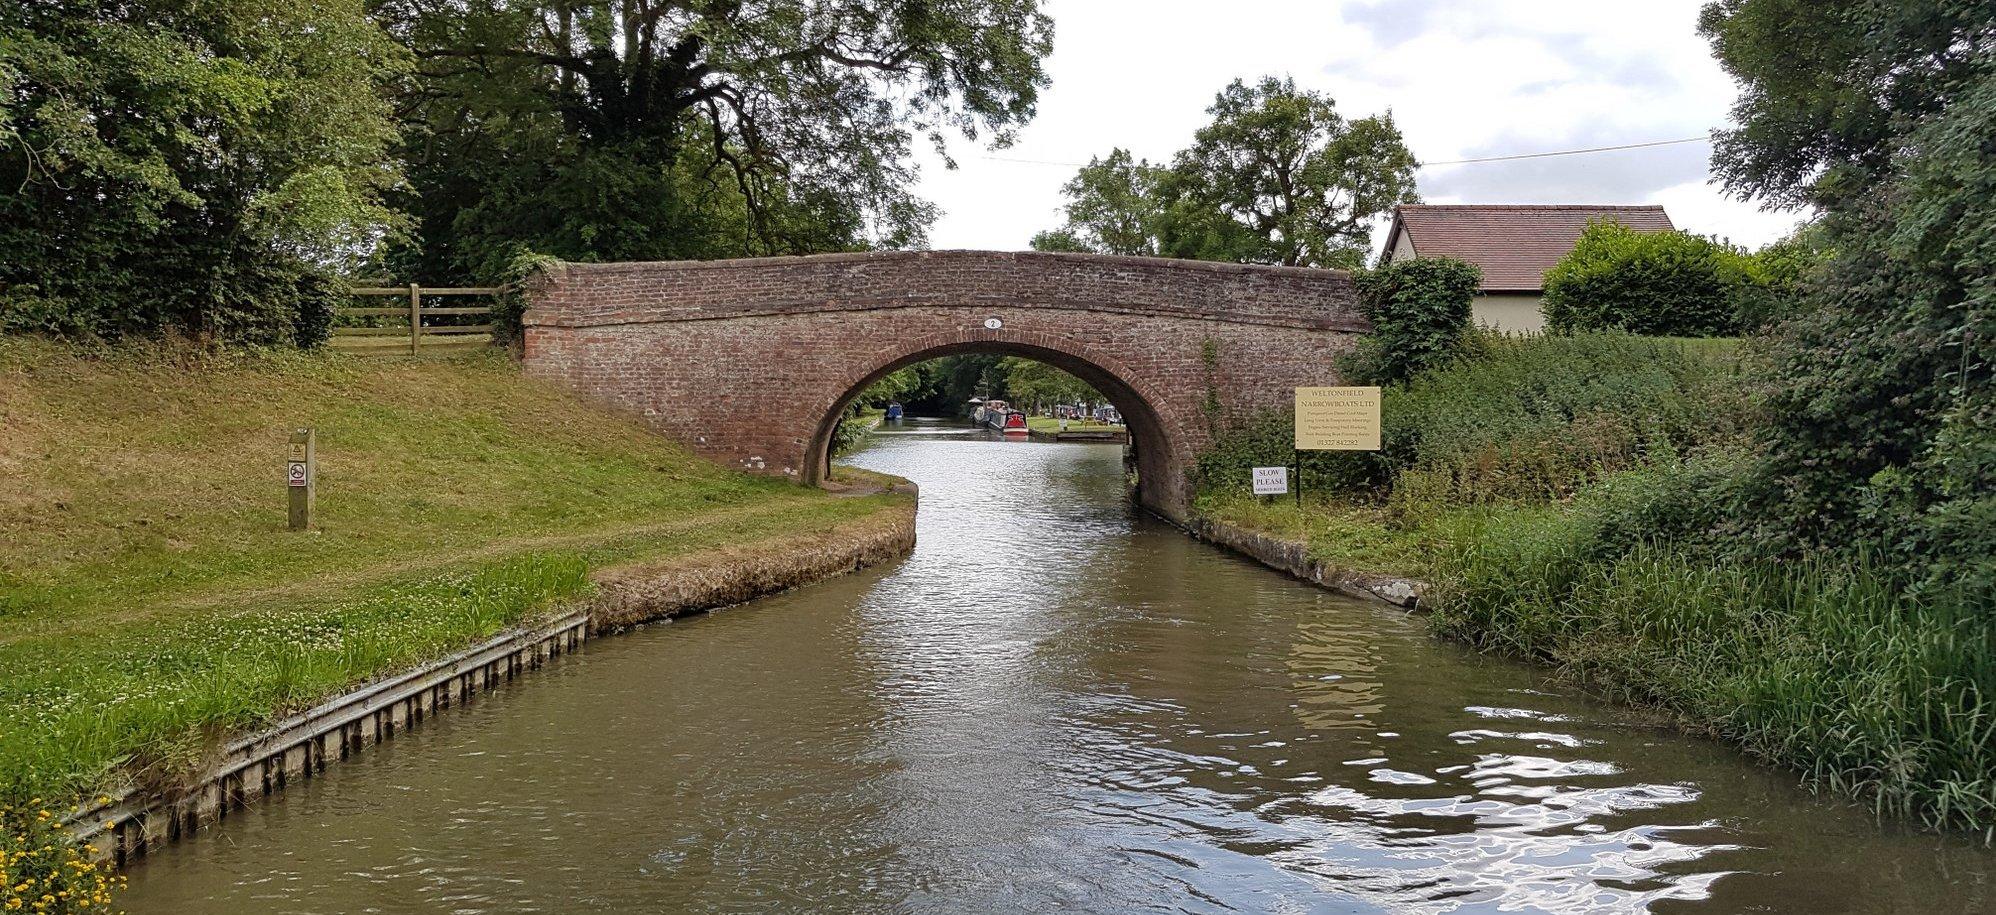 Watford Locks